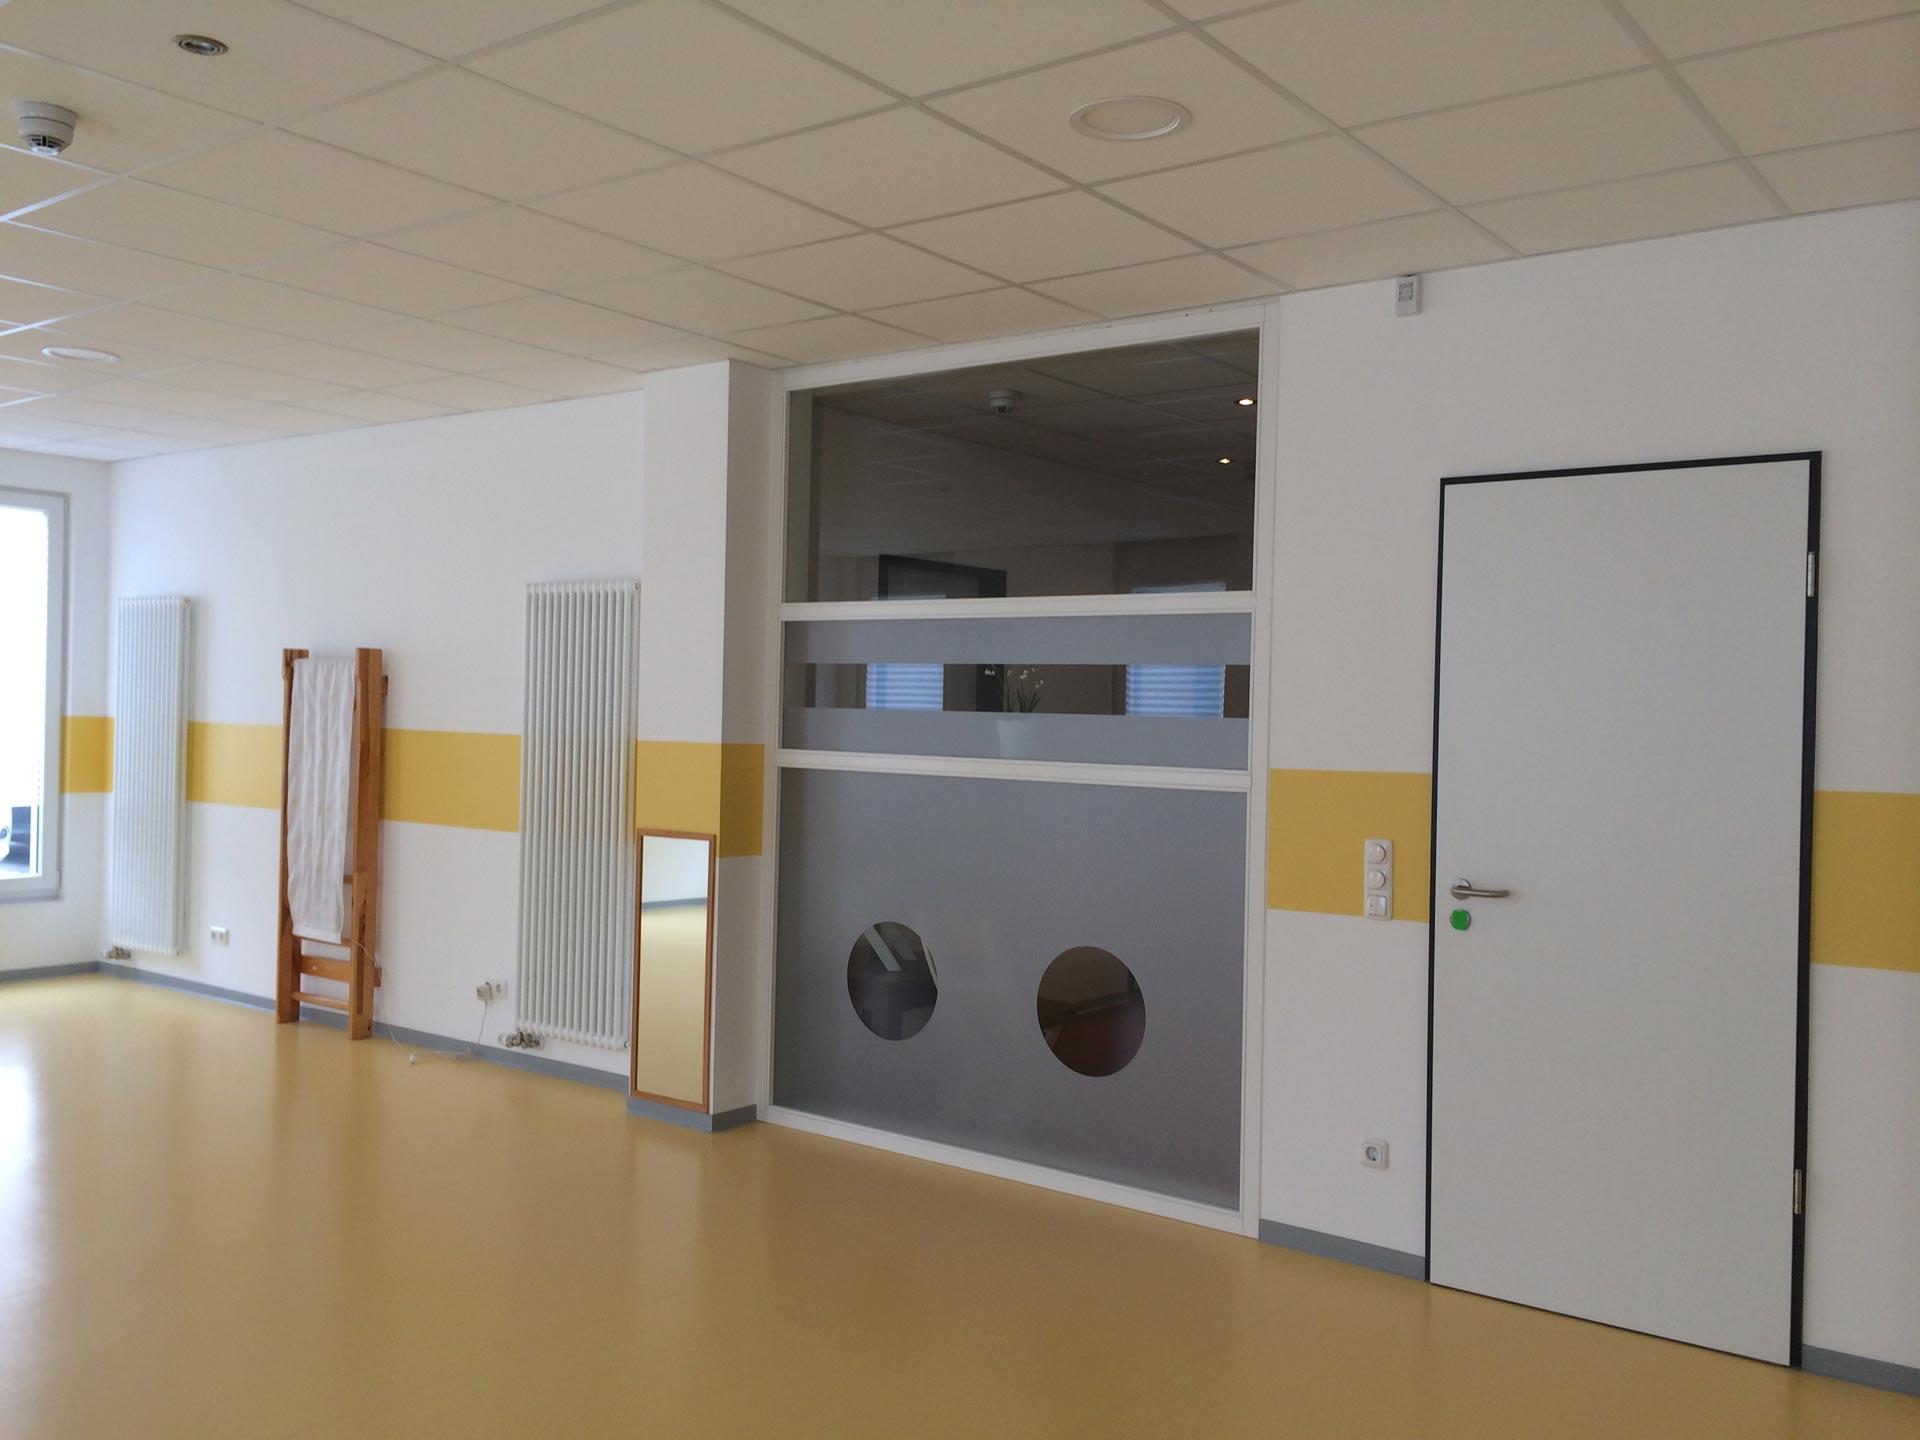 Tischlerei-Baeumer-Altenberge_Gesundheitszentrum-Koeln-Widdersdorf_03